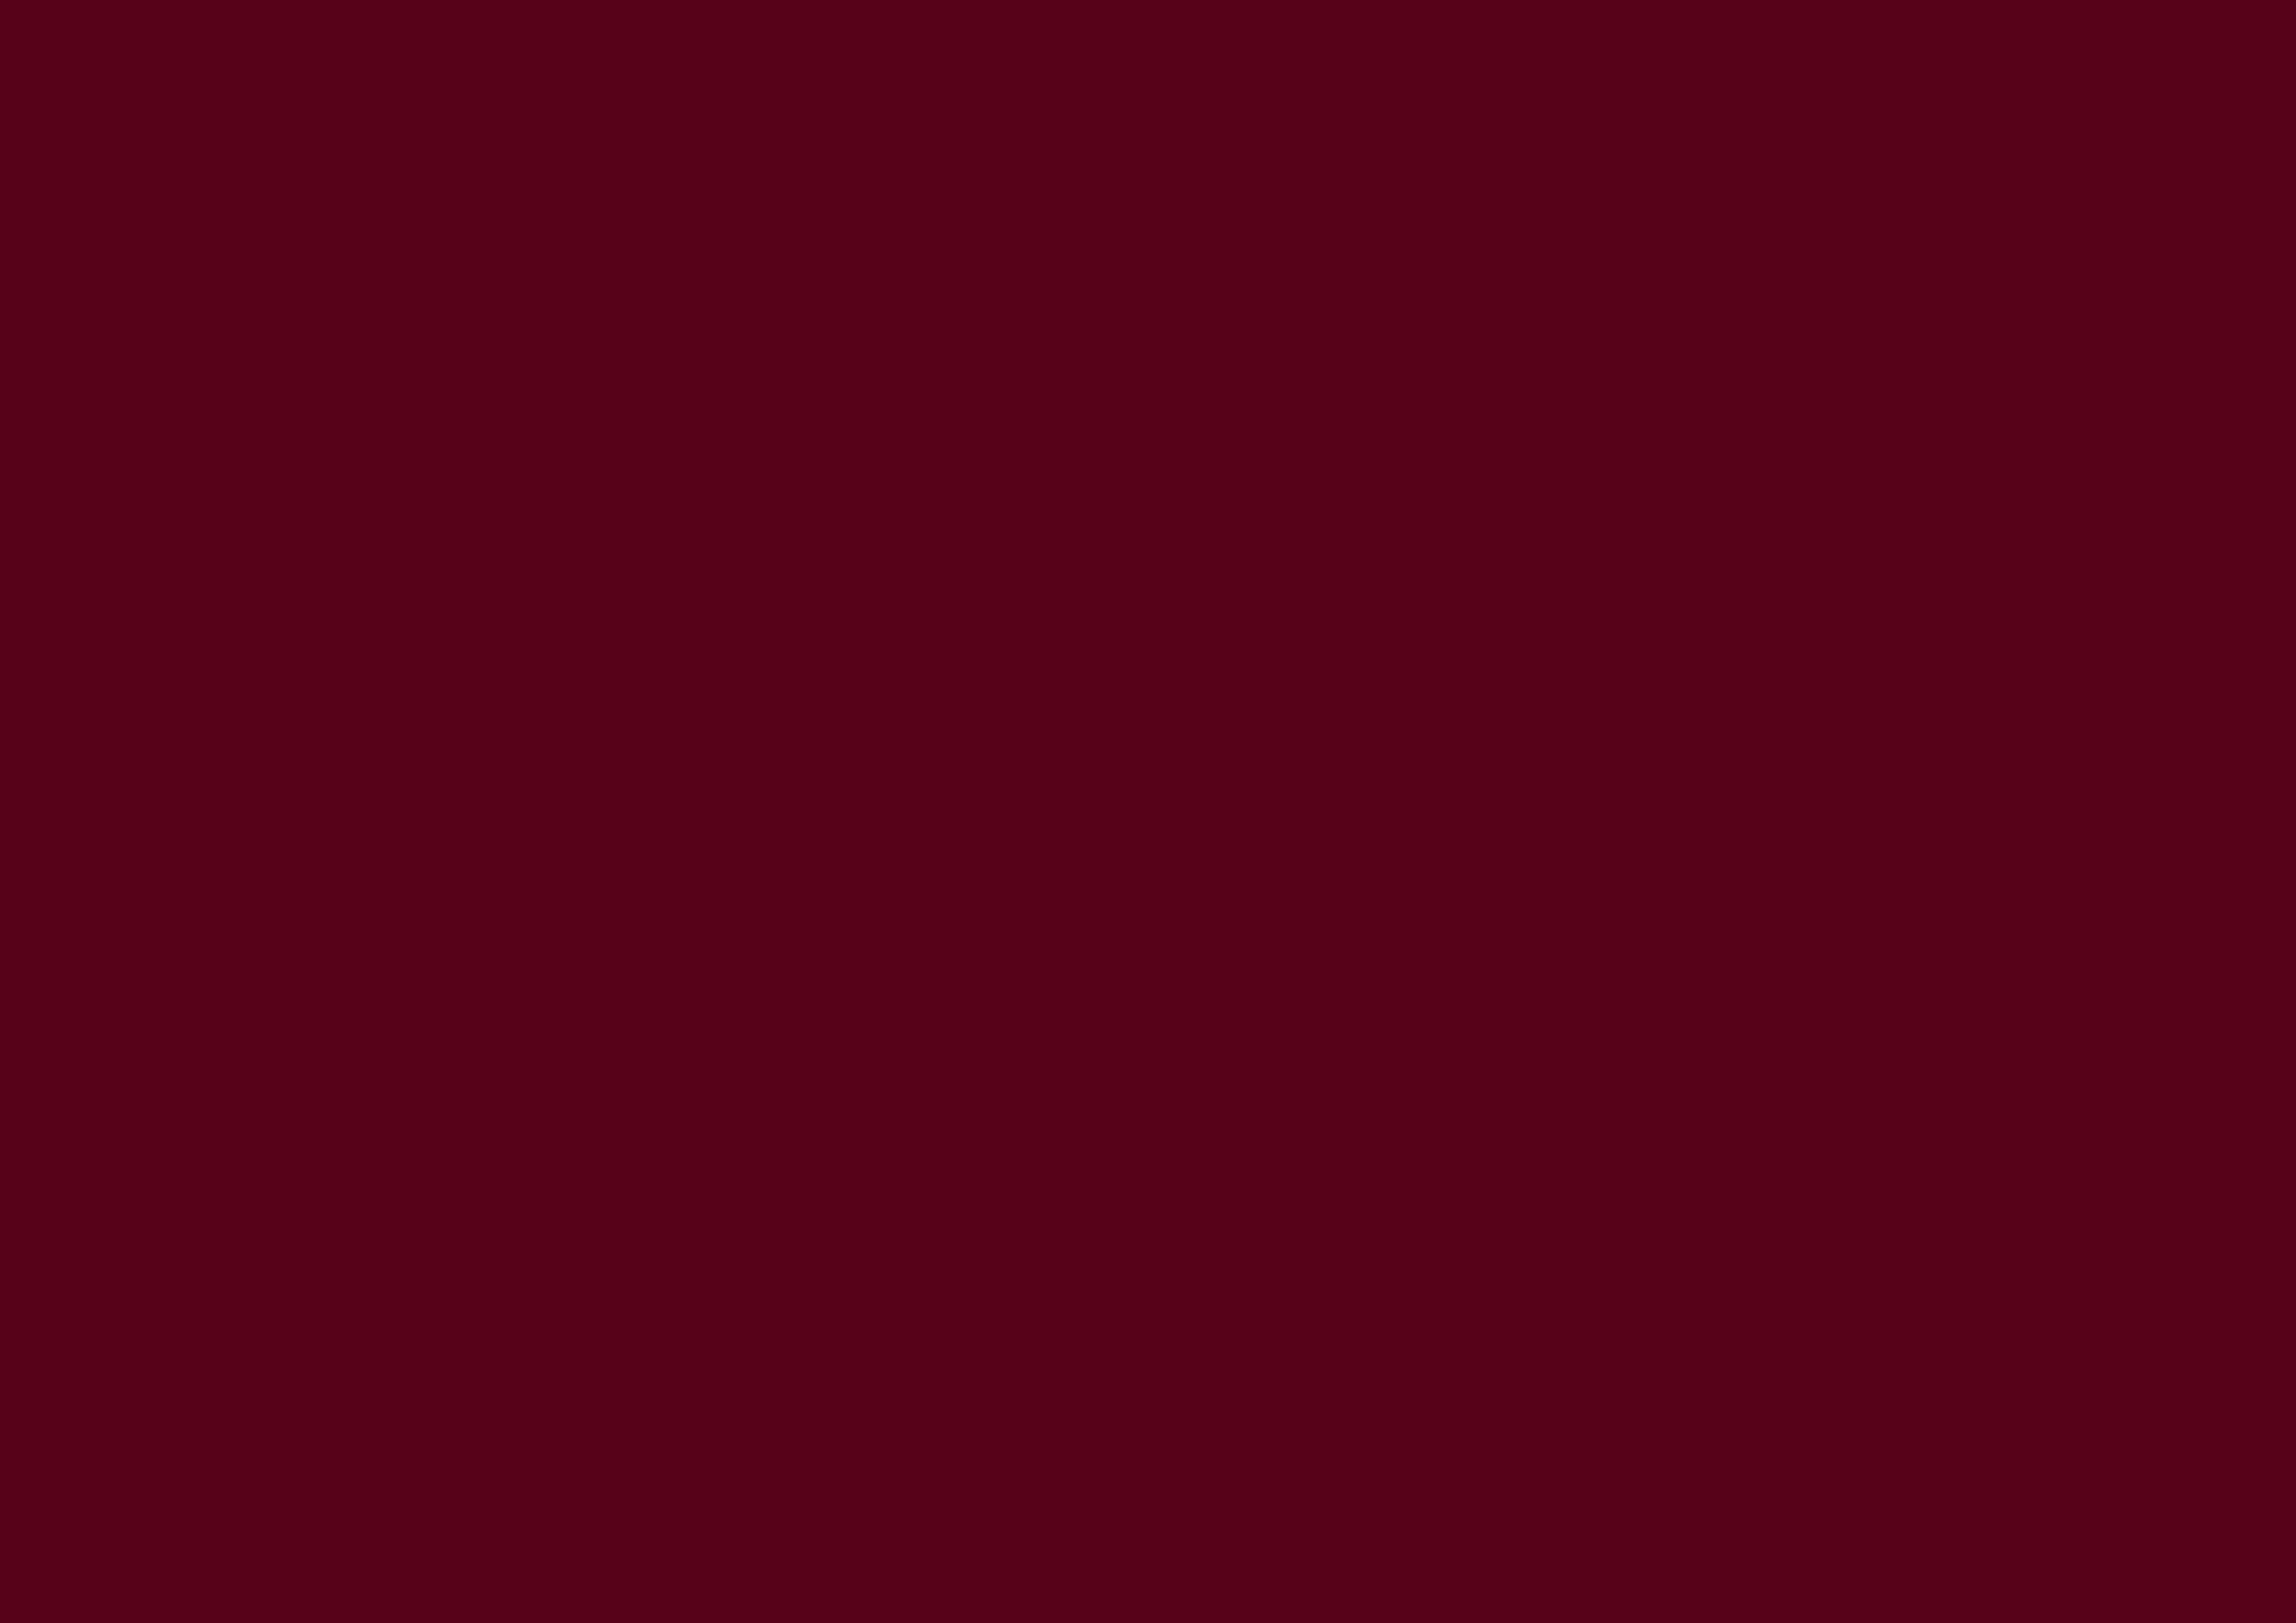 Download 91 Koleksi Background Black Solid Color HD Gratis